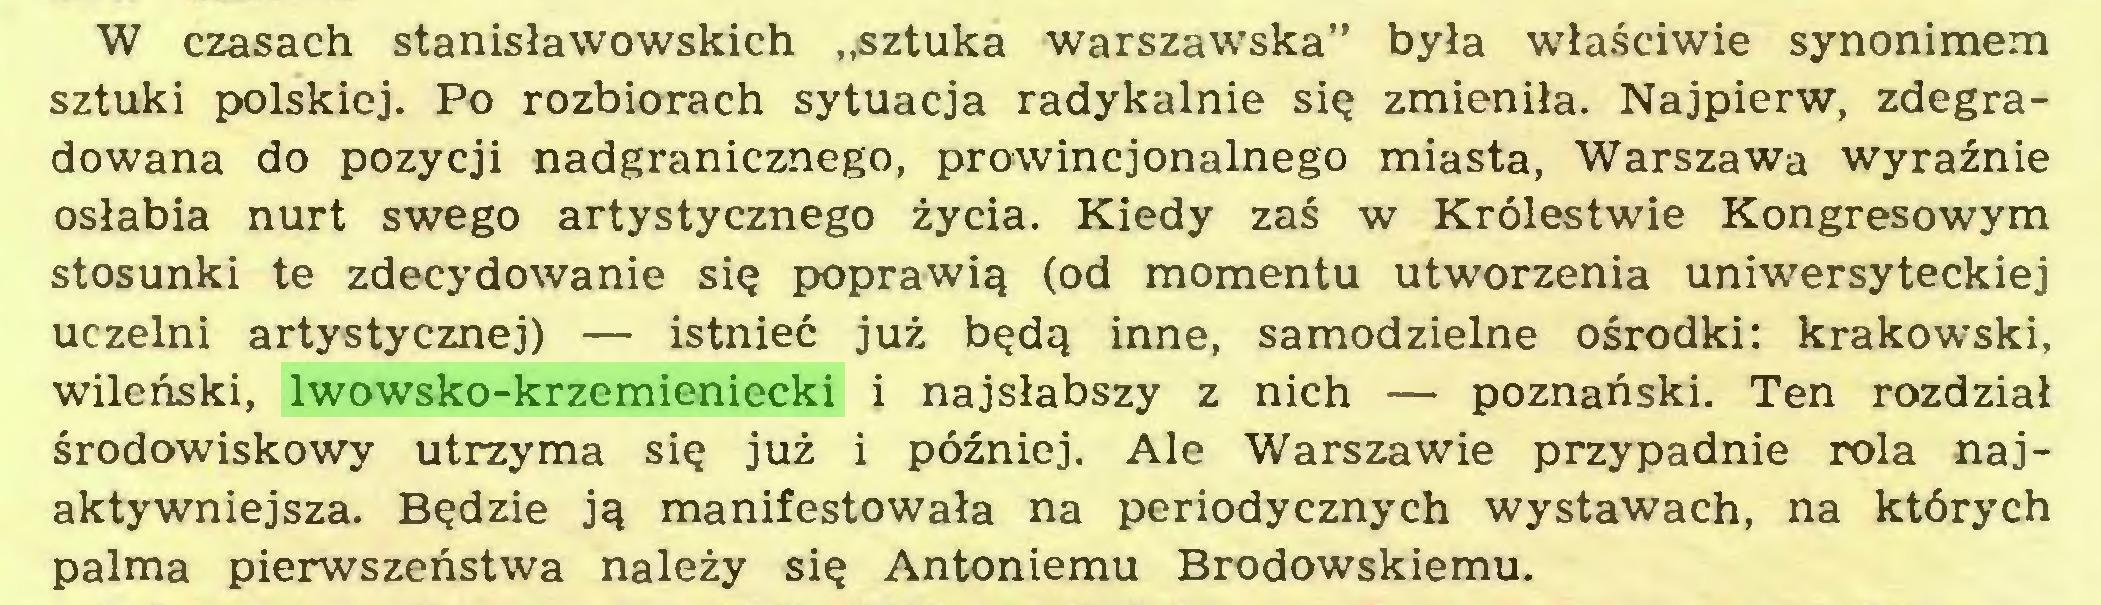 """(...) W czasach stanisławowskich """"sztuka warszawska"""" była właściwie synonimem sztuki polskiej. Po rozbiorach sytuacja radykalnie się zmieniła. Najpierw, zdegradowana do pozycji nadgranicznego, prowincjonalnego miasta, Warszawa wyraźnie osłabia nurt swego artystycznego życia. Kiedy zaś w Królestwie Kongresowym stosunki te zdecydowanie się poprawią (od momentu utworzenia uniwersyteckiej uczelni artystycznej) — istnieć już będą inne, samodzielne ośrodki: krakowski, wileński, lwowsko-krzemieniecki i najsłabszy z nich — poznański. Ten rozdział środowiskowy utrzyma się już i później. Ale Warszawie przypadnie rola najaktywniejsza. Będzie ją manifestowała na periodycznych wystawach, na których palma pierwszeństwa należy się Antoniemu Brodowskiemu..."""